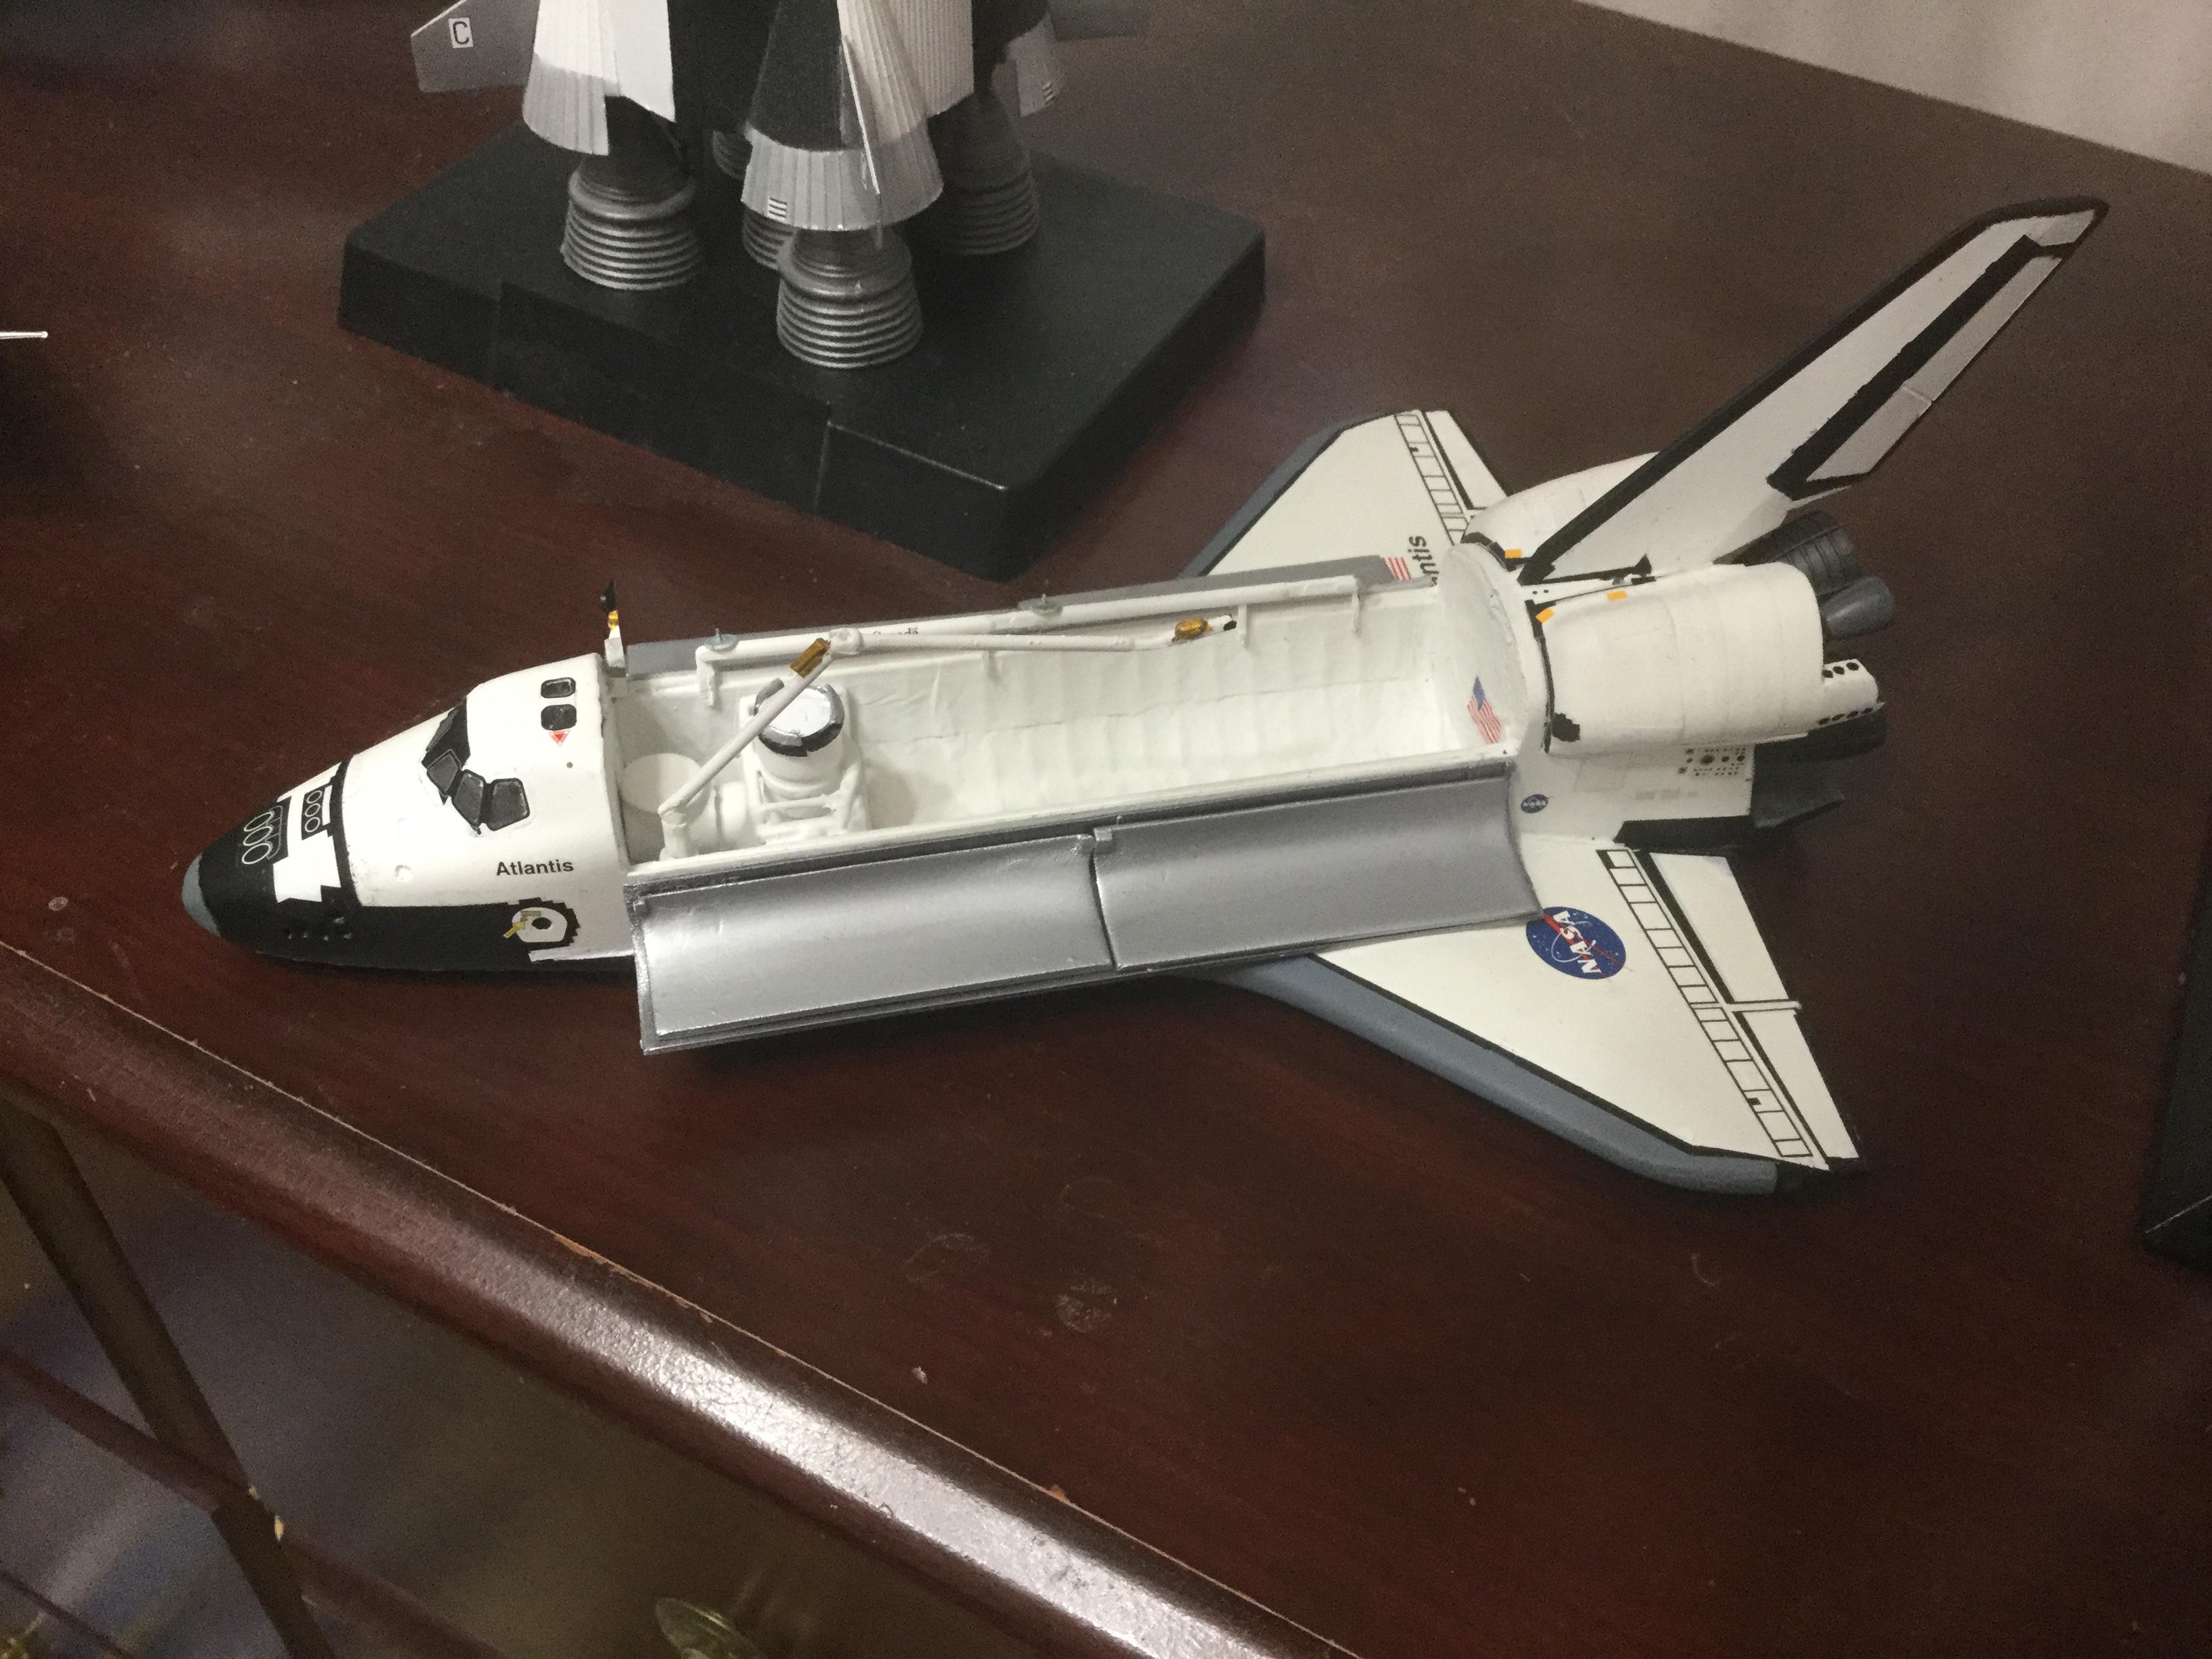 1/144 Revell Space Shuttle Atlantis